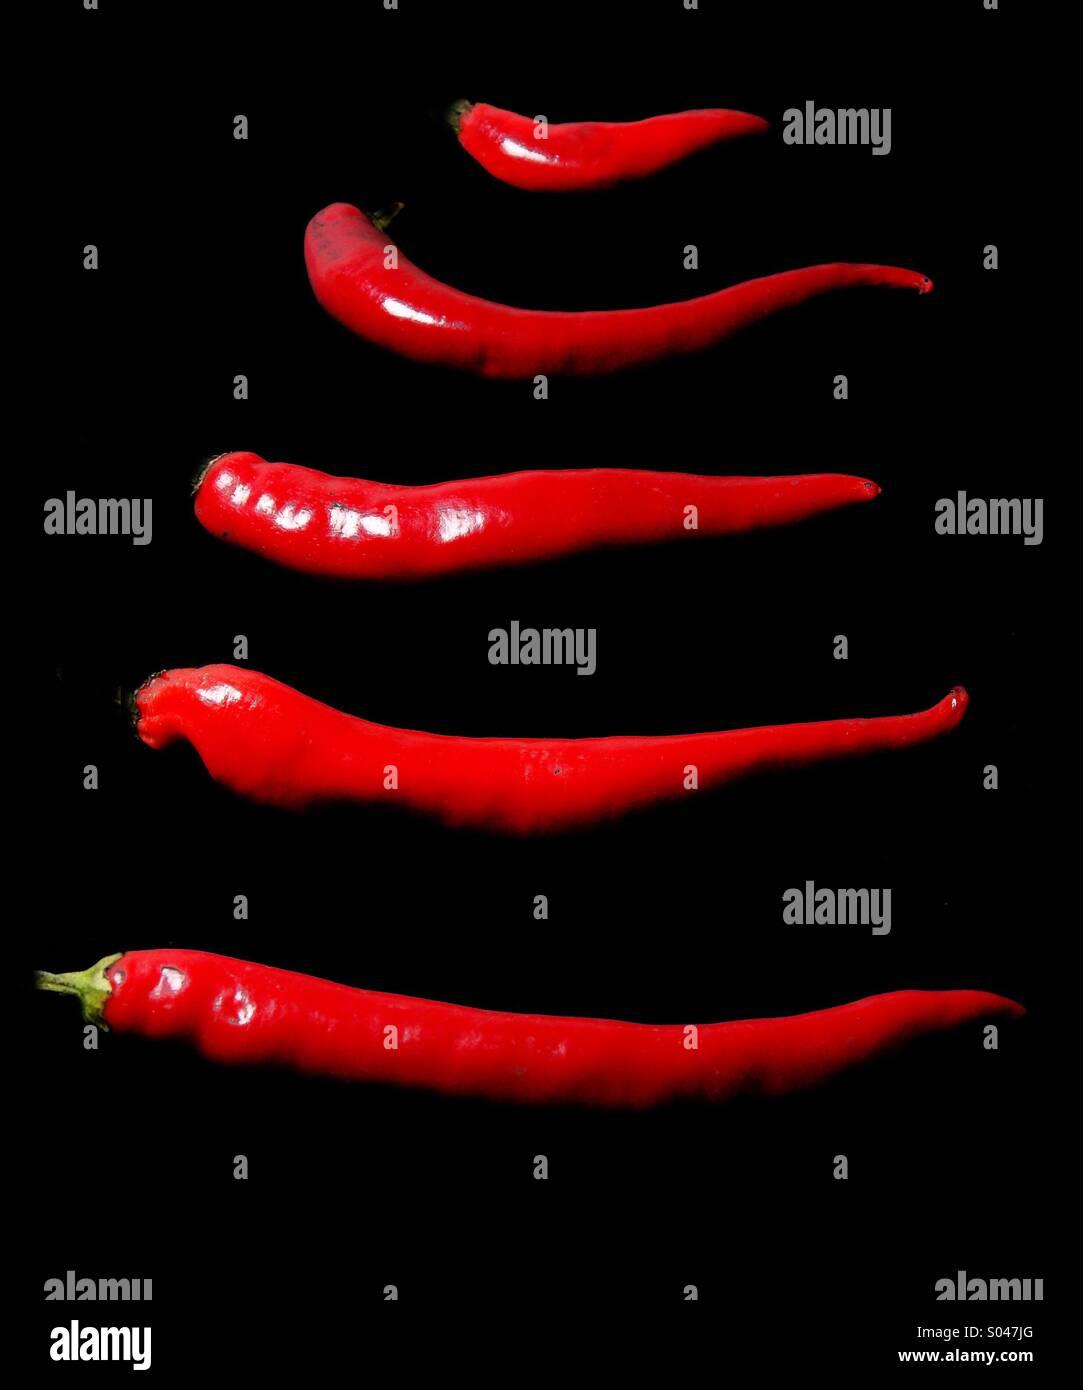 Peperoni rossi Immagini Stock